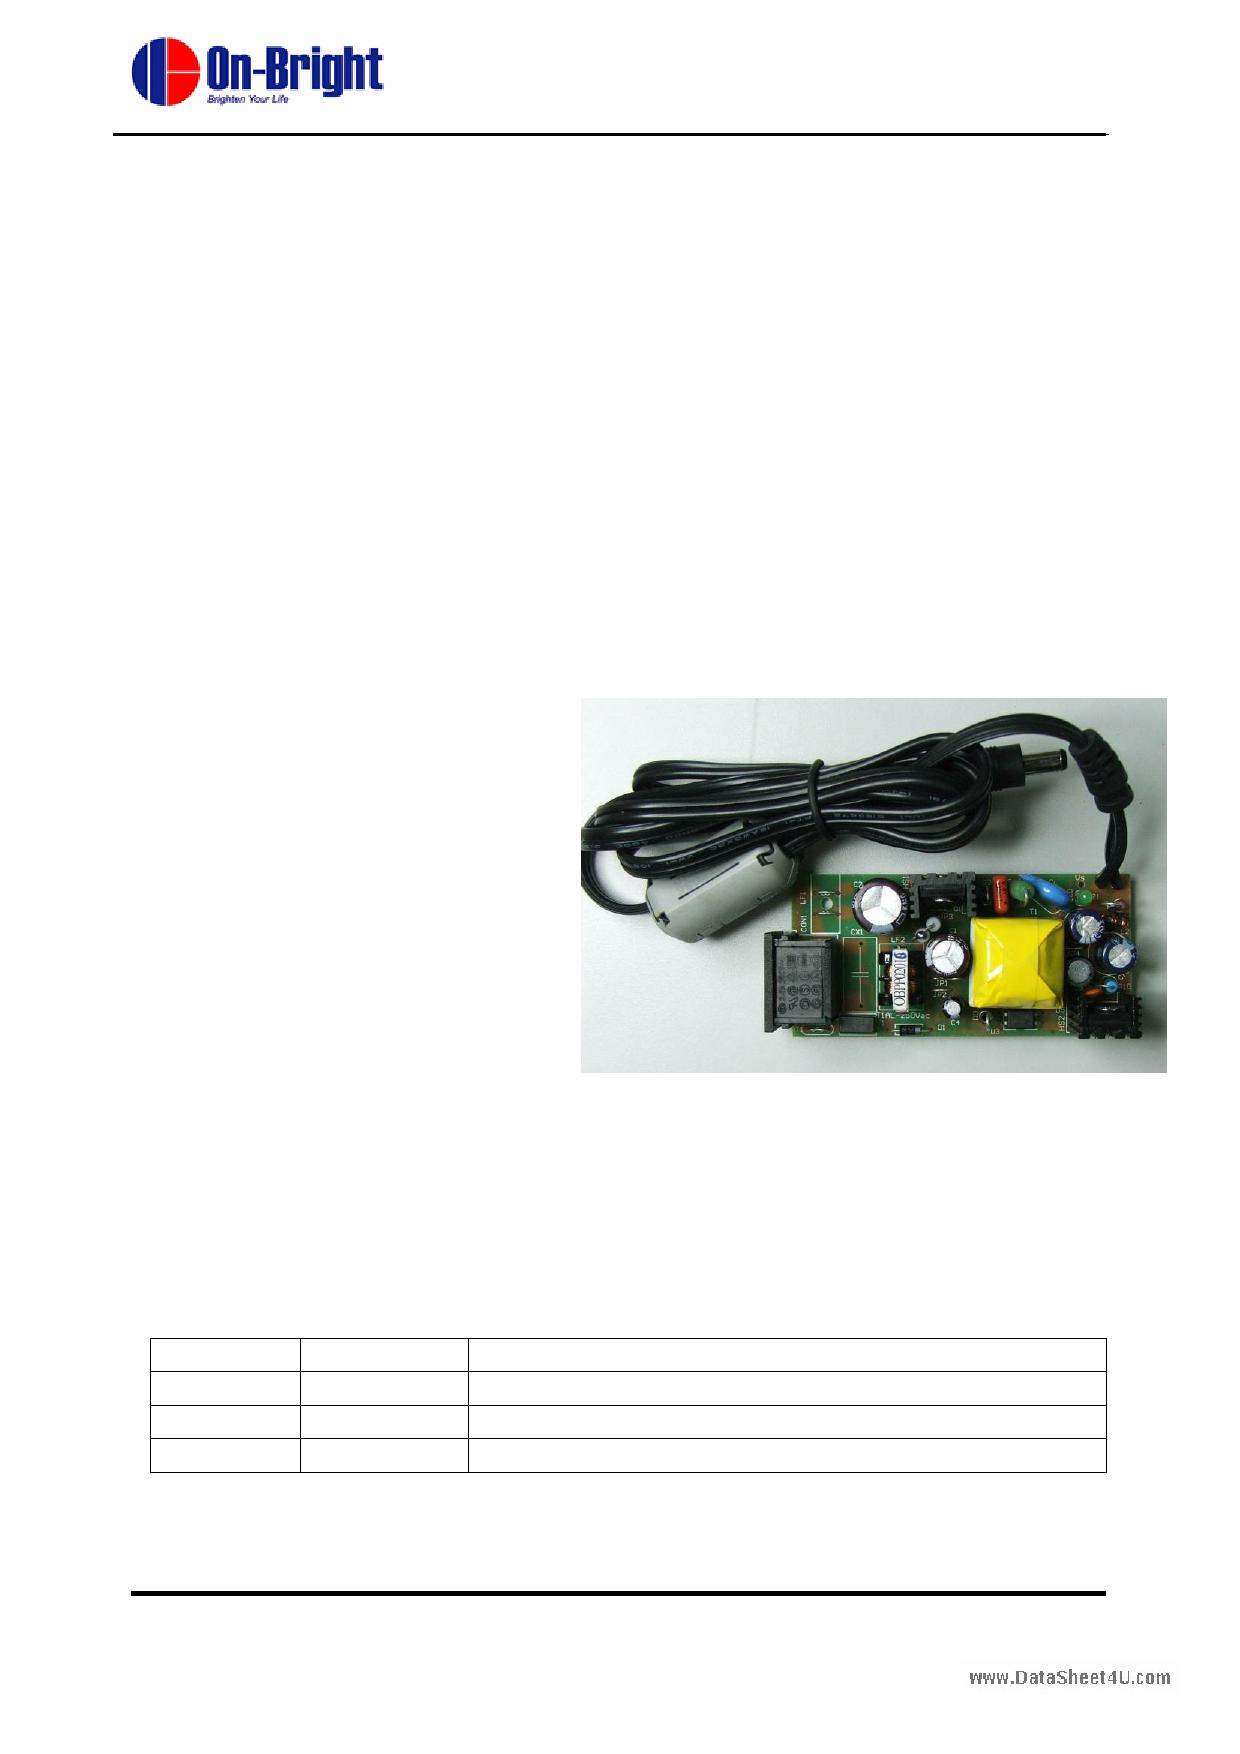 OB2262 datasheet